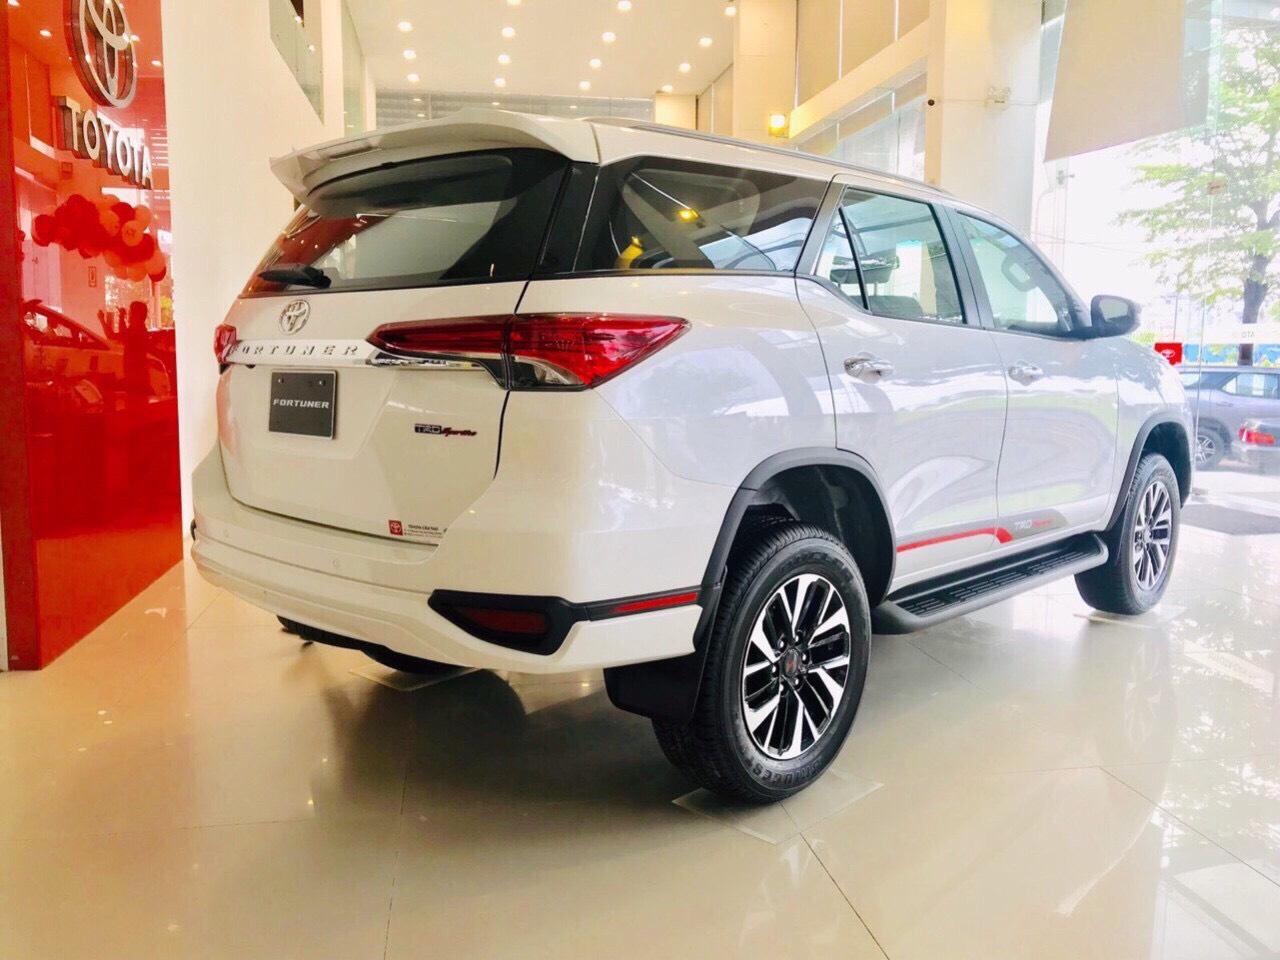 Xe Toyota Fortuner TRD 2019 tai muaxegiabeo 7 - Fortuner TRD [hienthinam]: giá xe và khuyến mãi mới